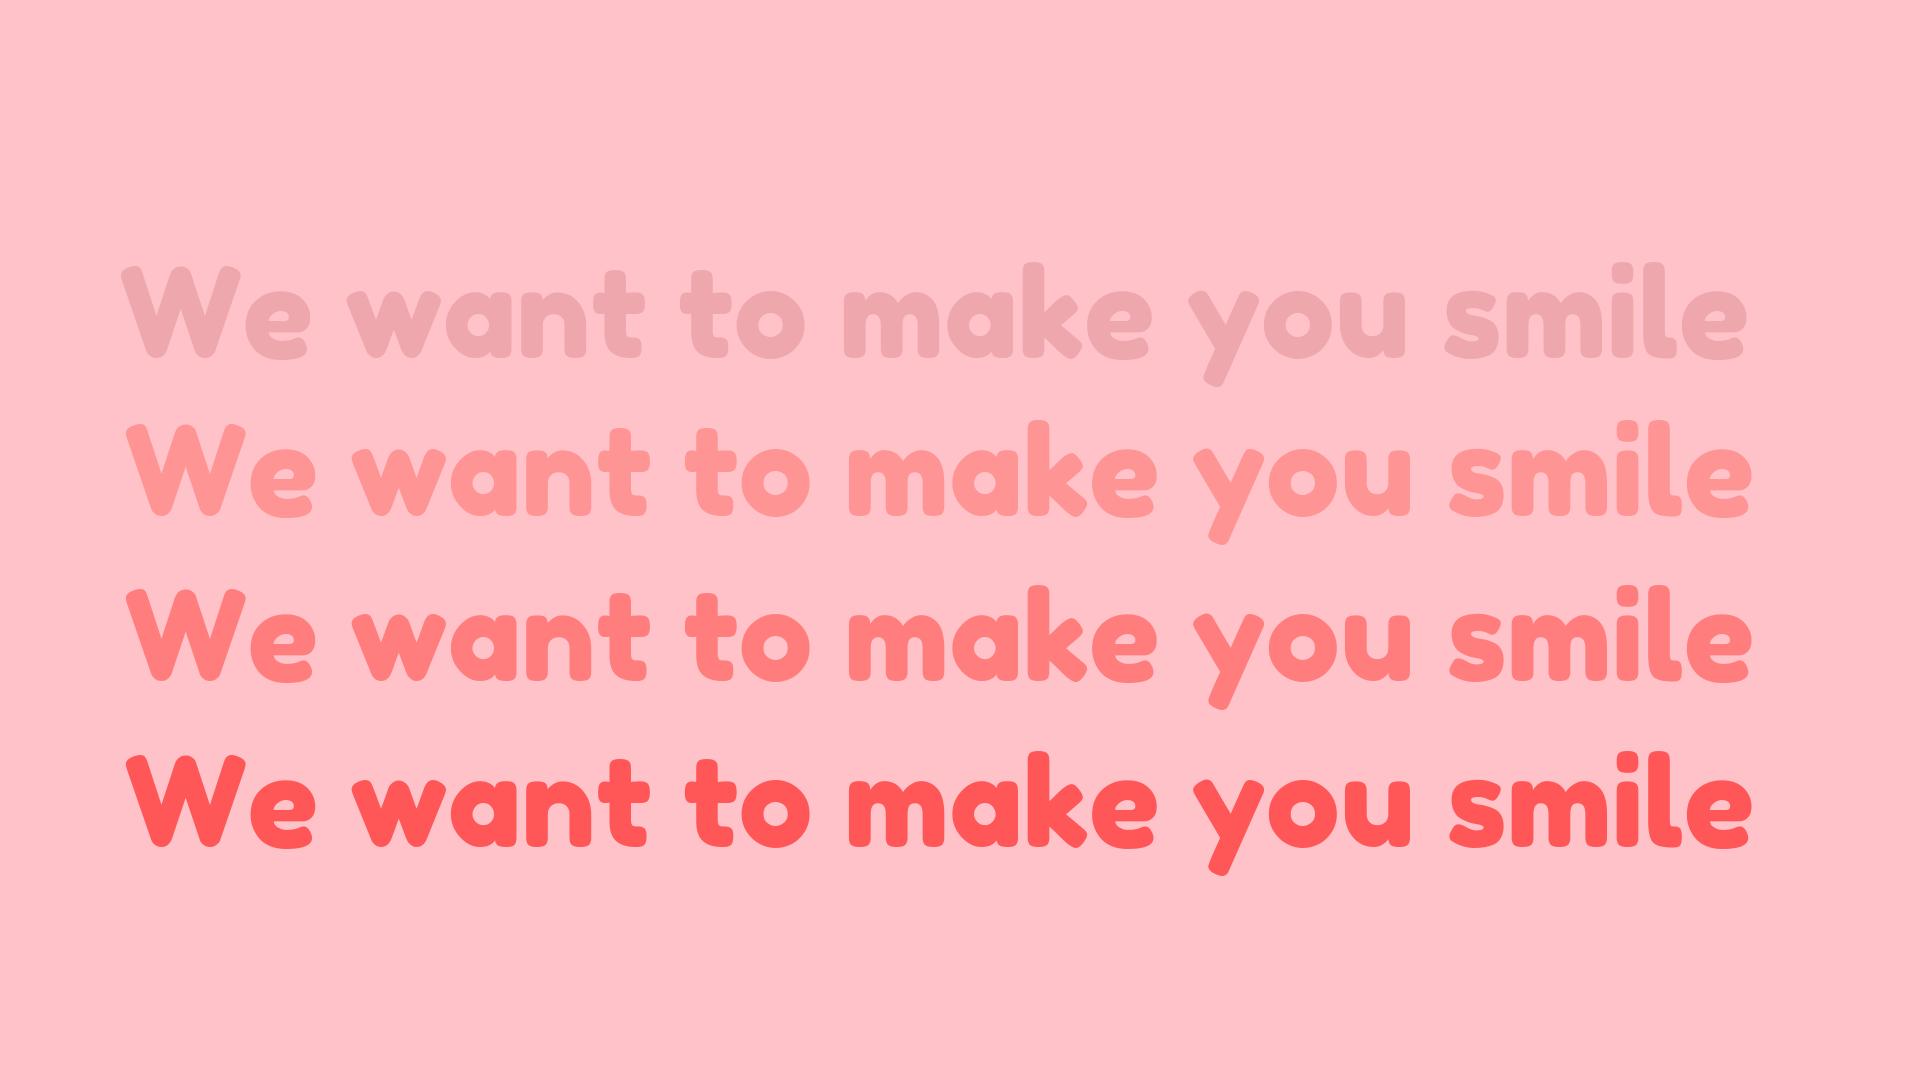 Afbeelding met tekst: We want to make you smile